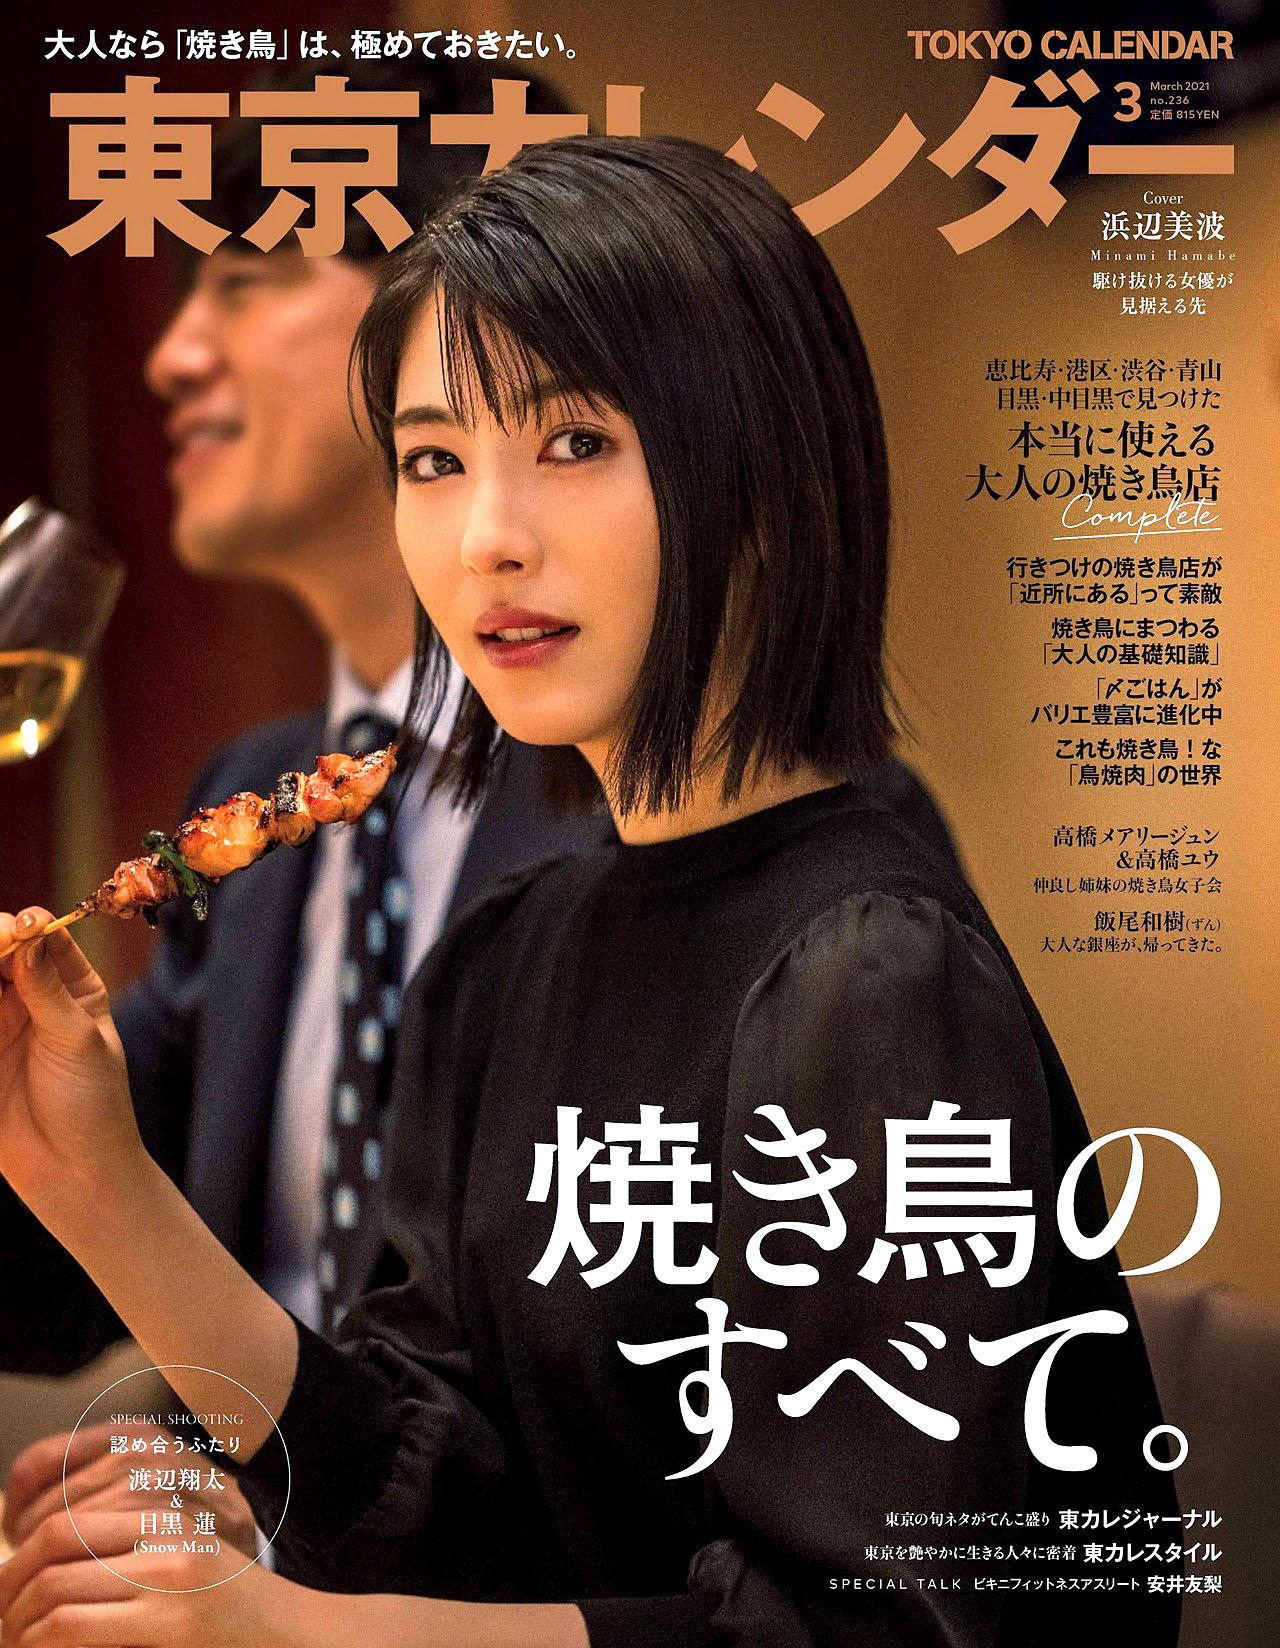 Minami Hamabe Tokyo Calendar 2103 01.jpg